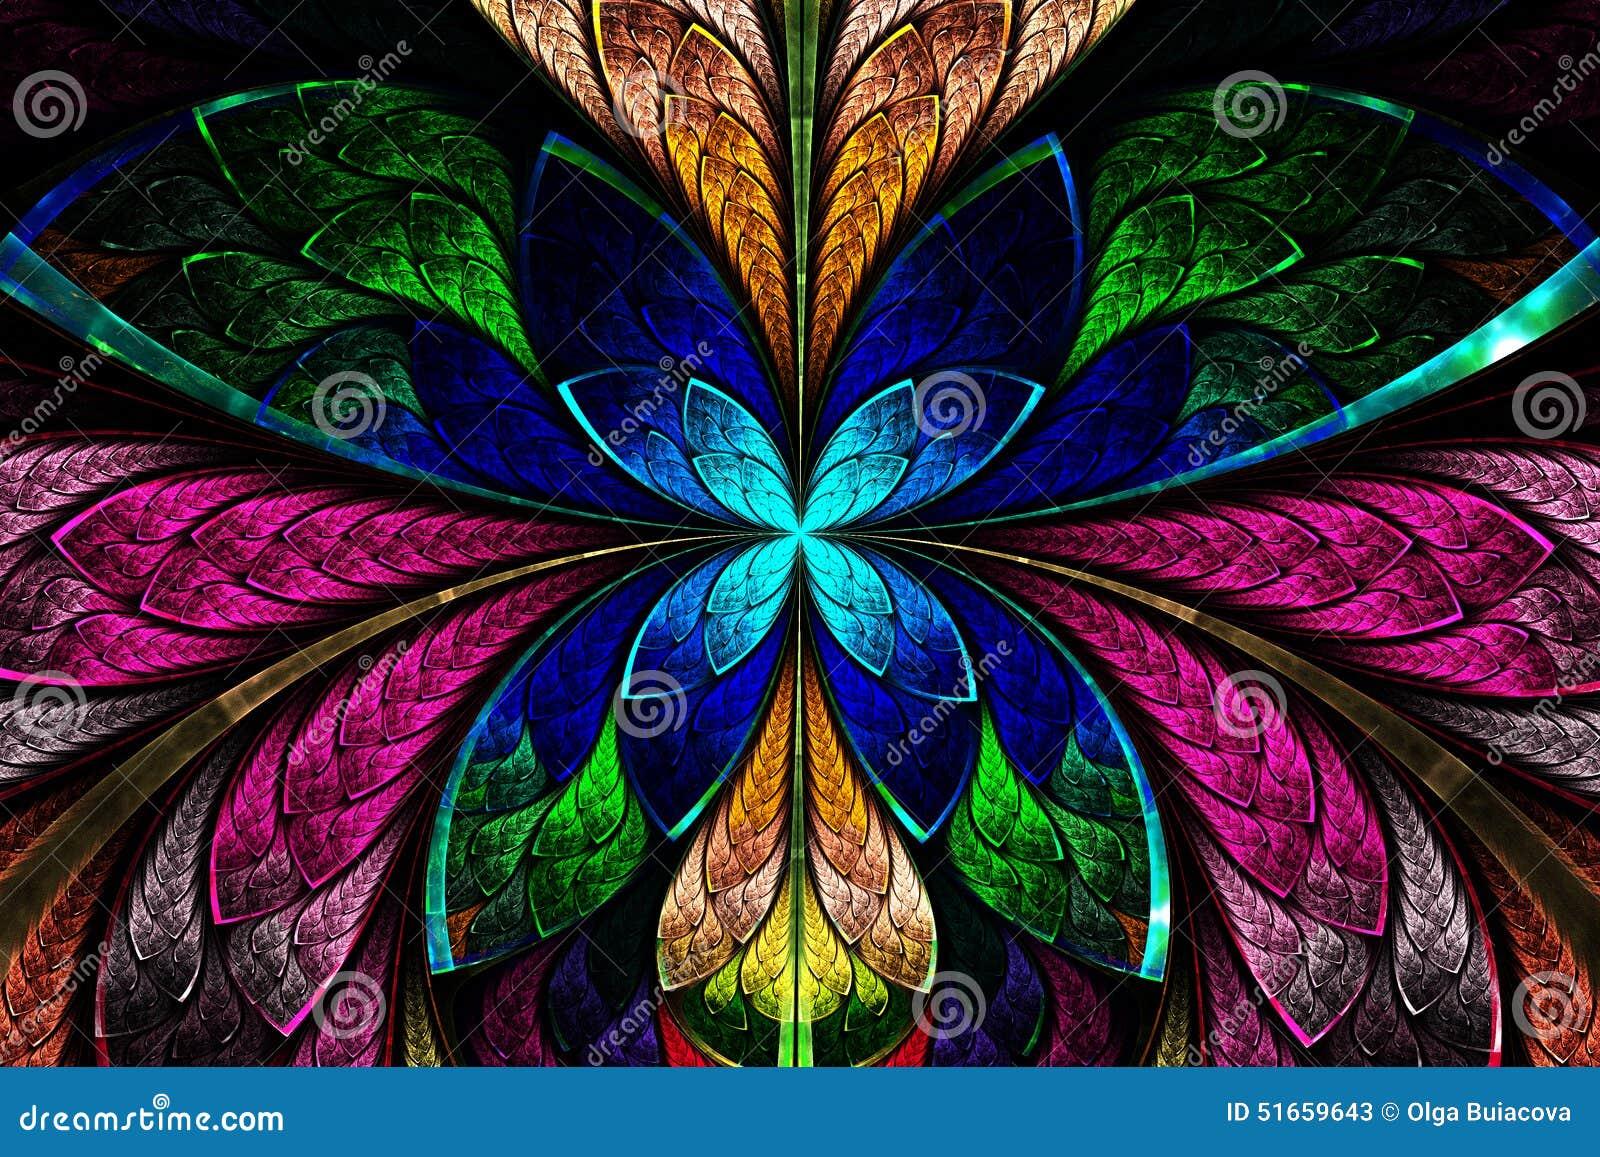 Mångfärgad symmetrisk fractalmodell som blomman eller fjäril